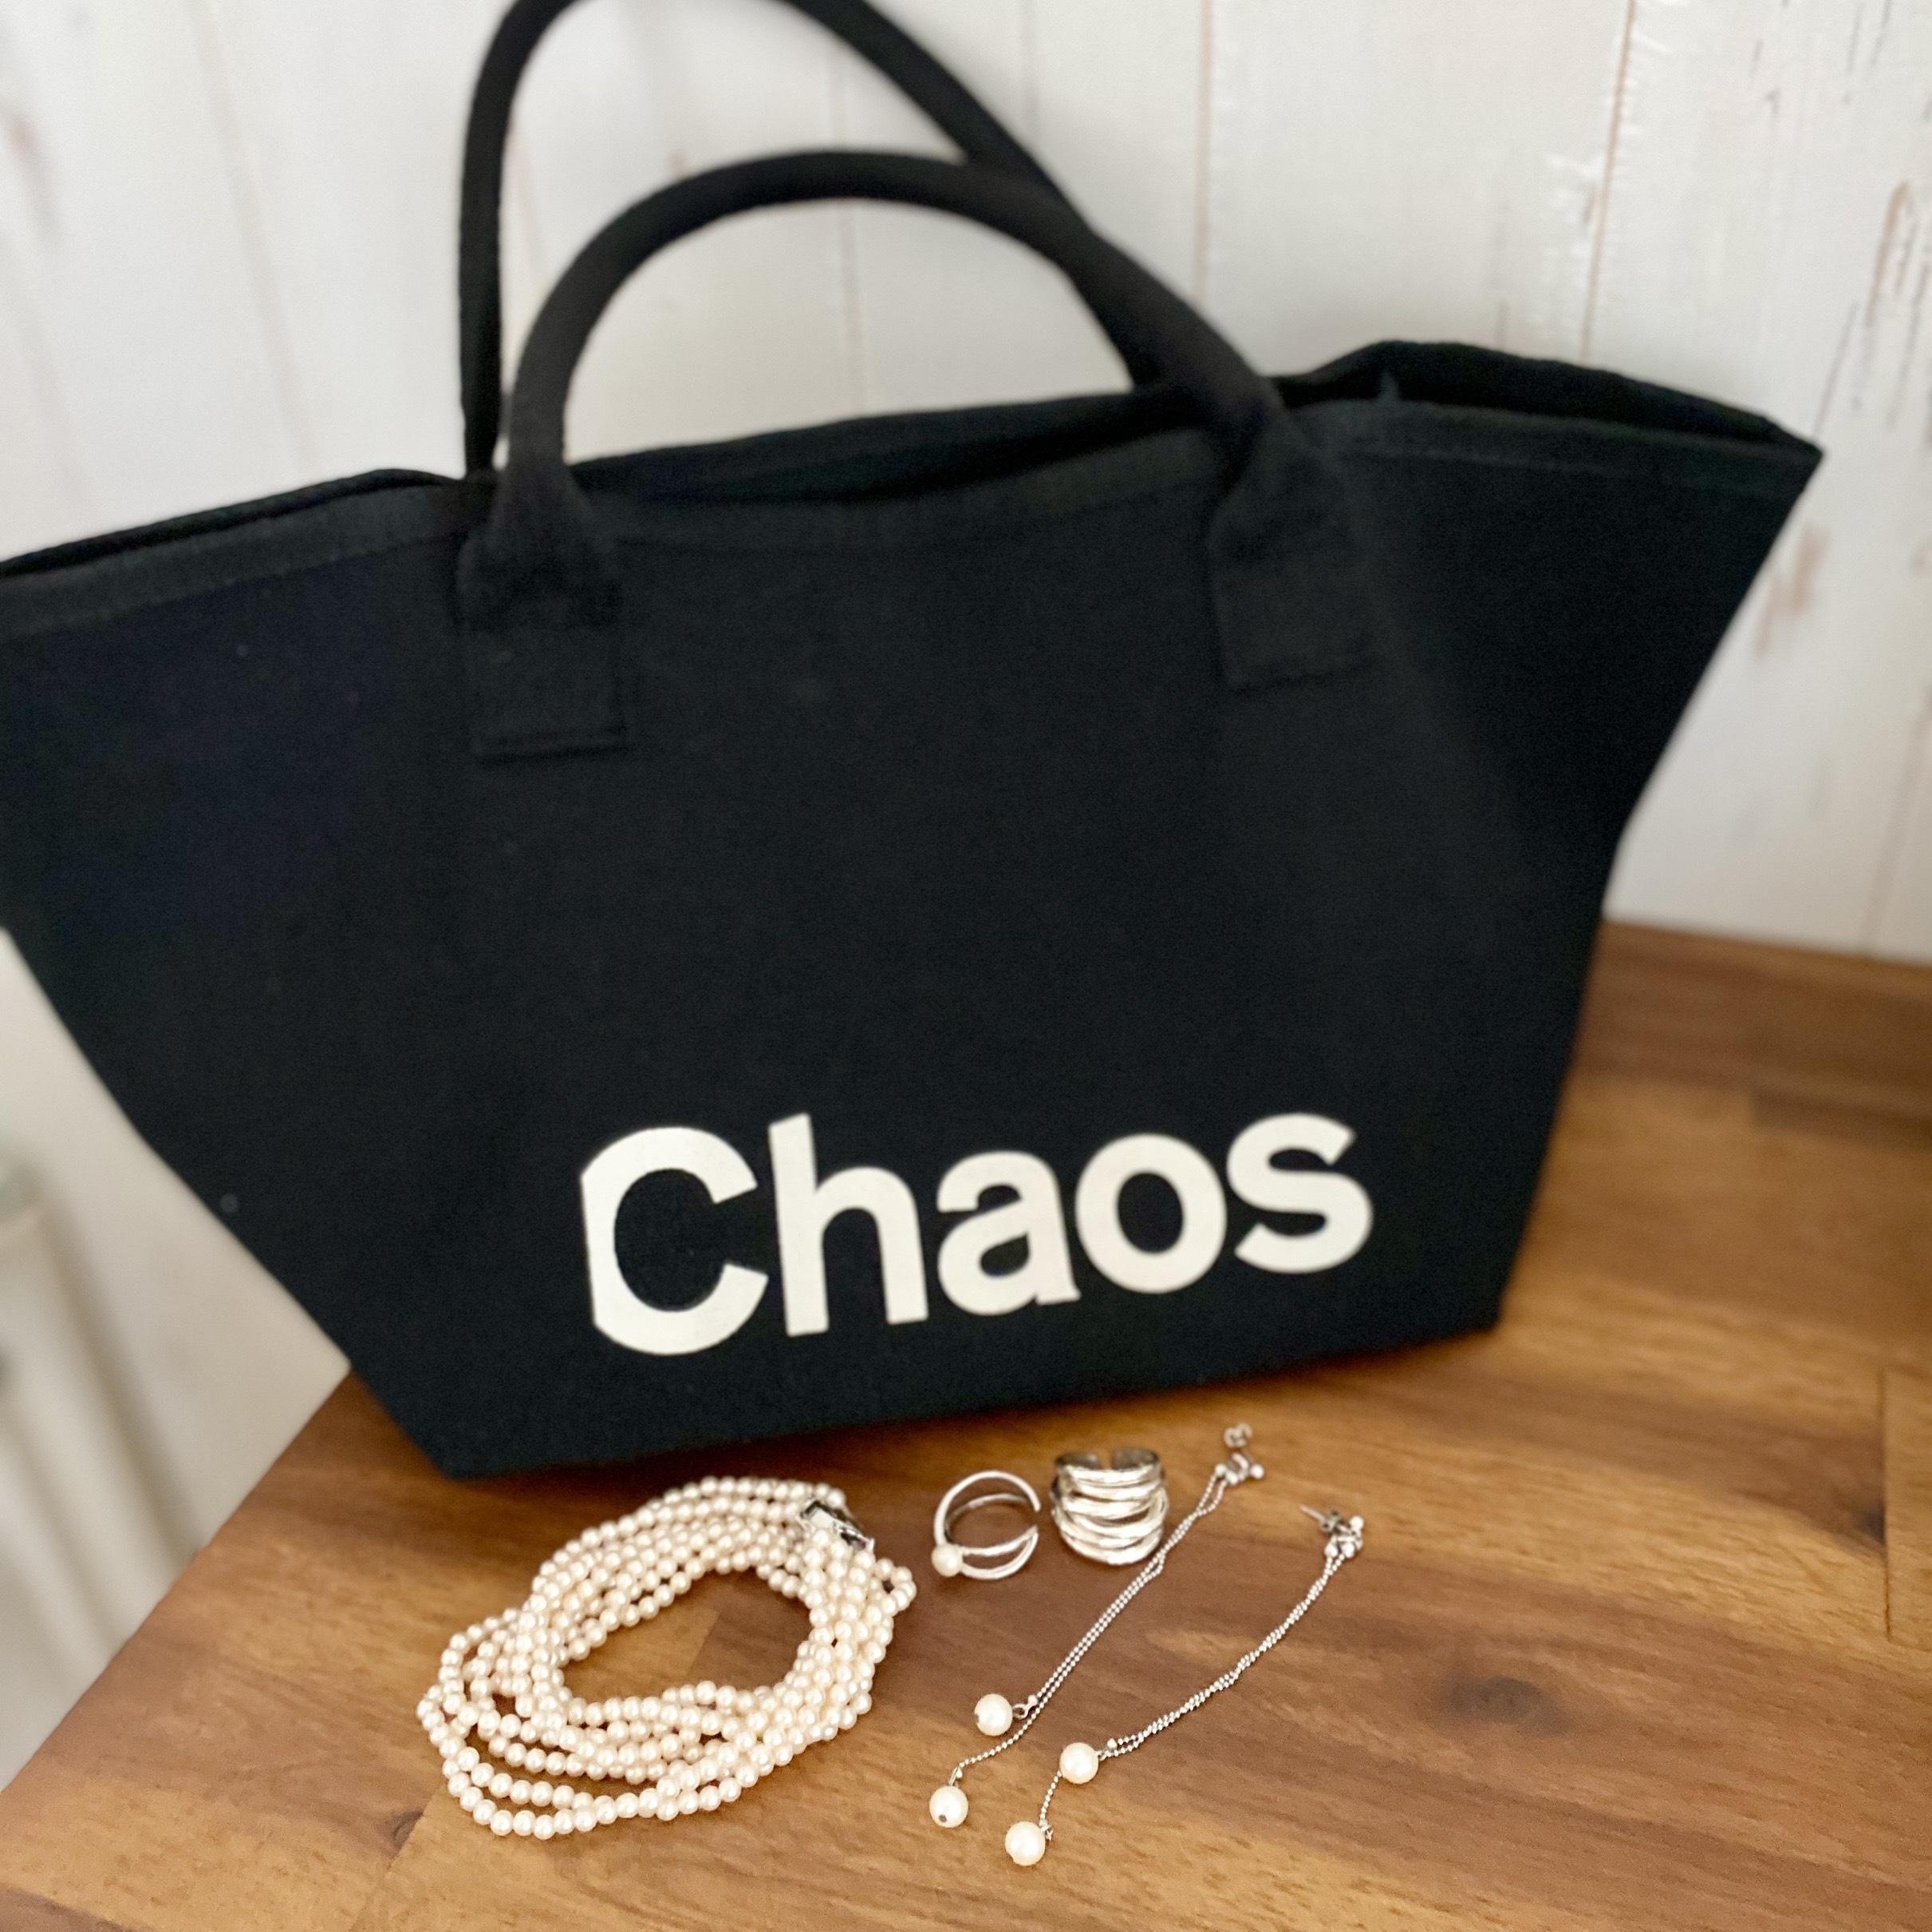 10月号付録のChaosのトートバッグとパール系アクセサリー